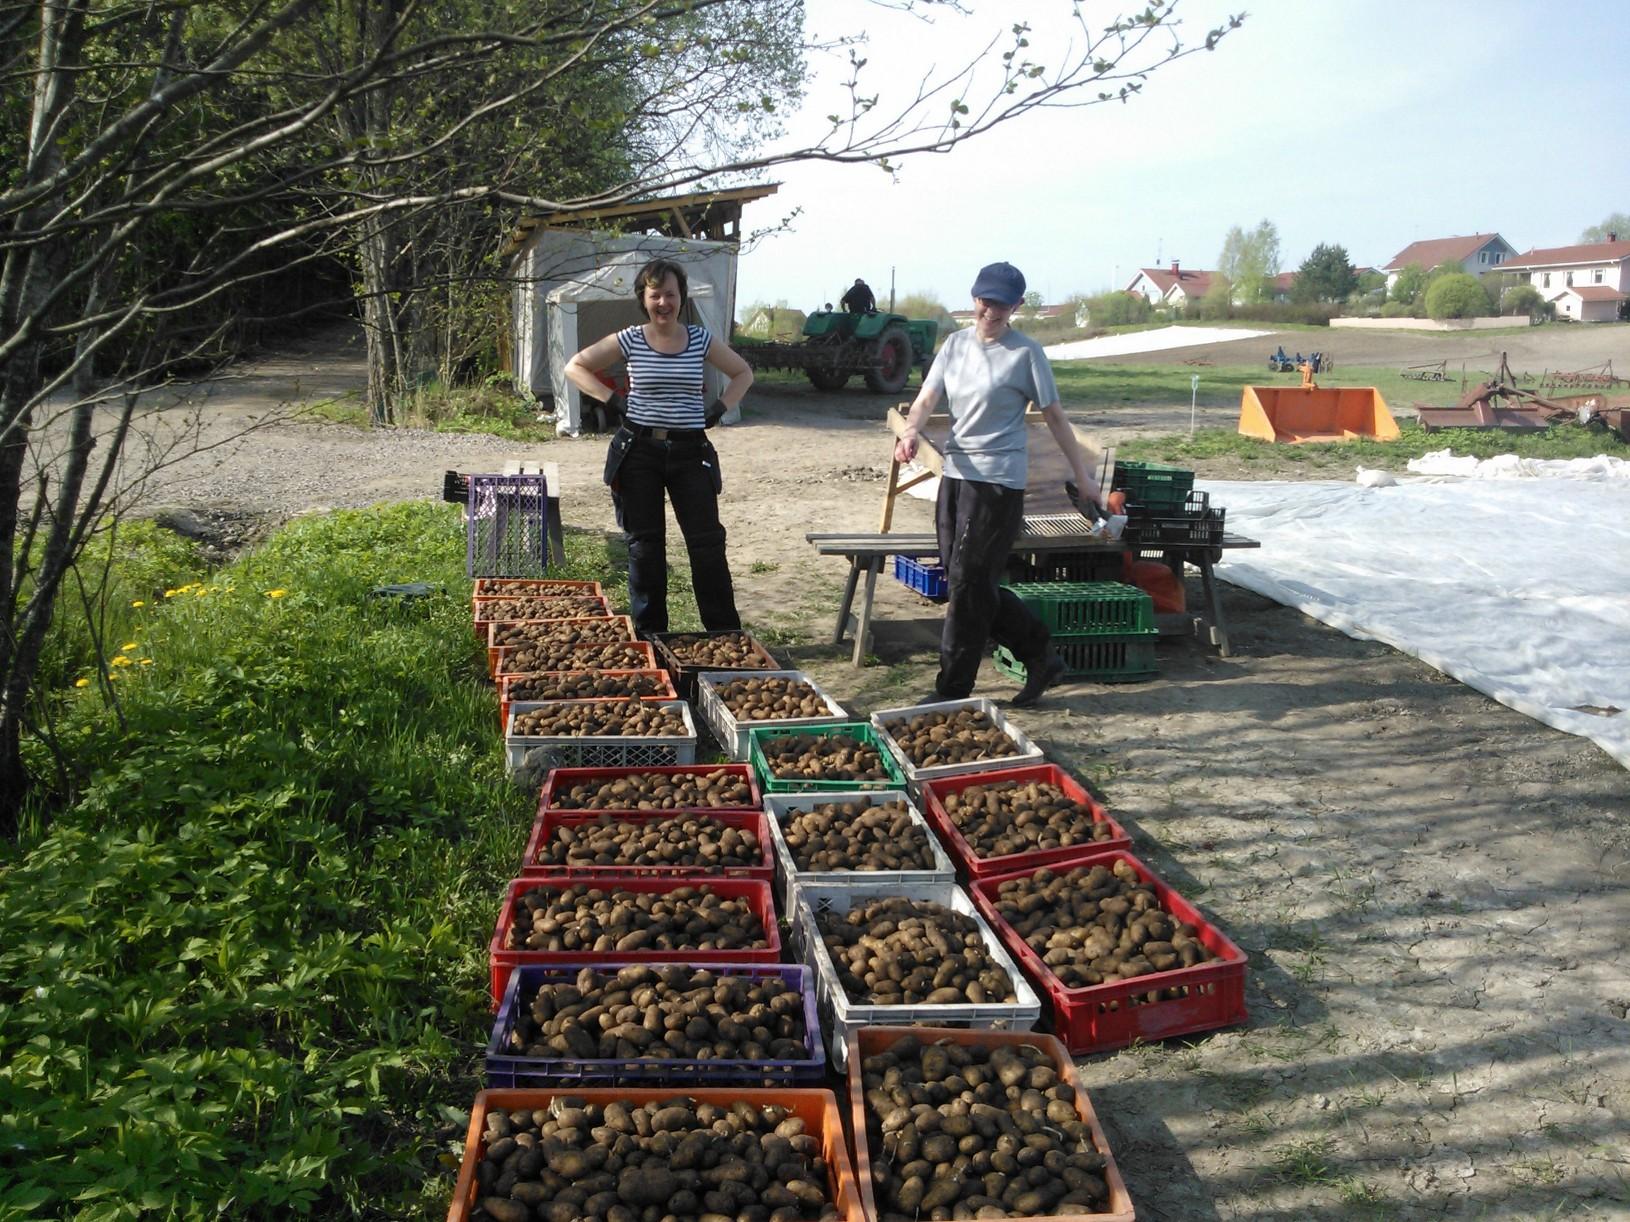 Överbyn harjoittelijat Maria & Sari lajittelevat siemenperunaa